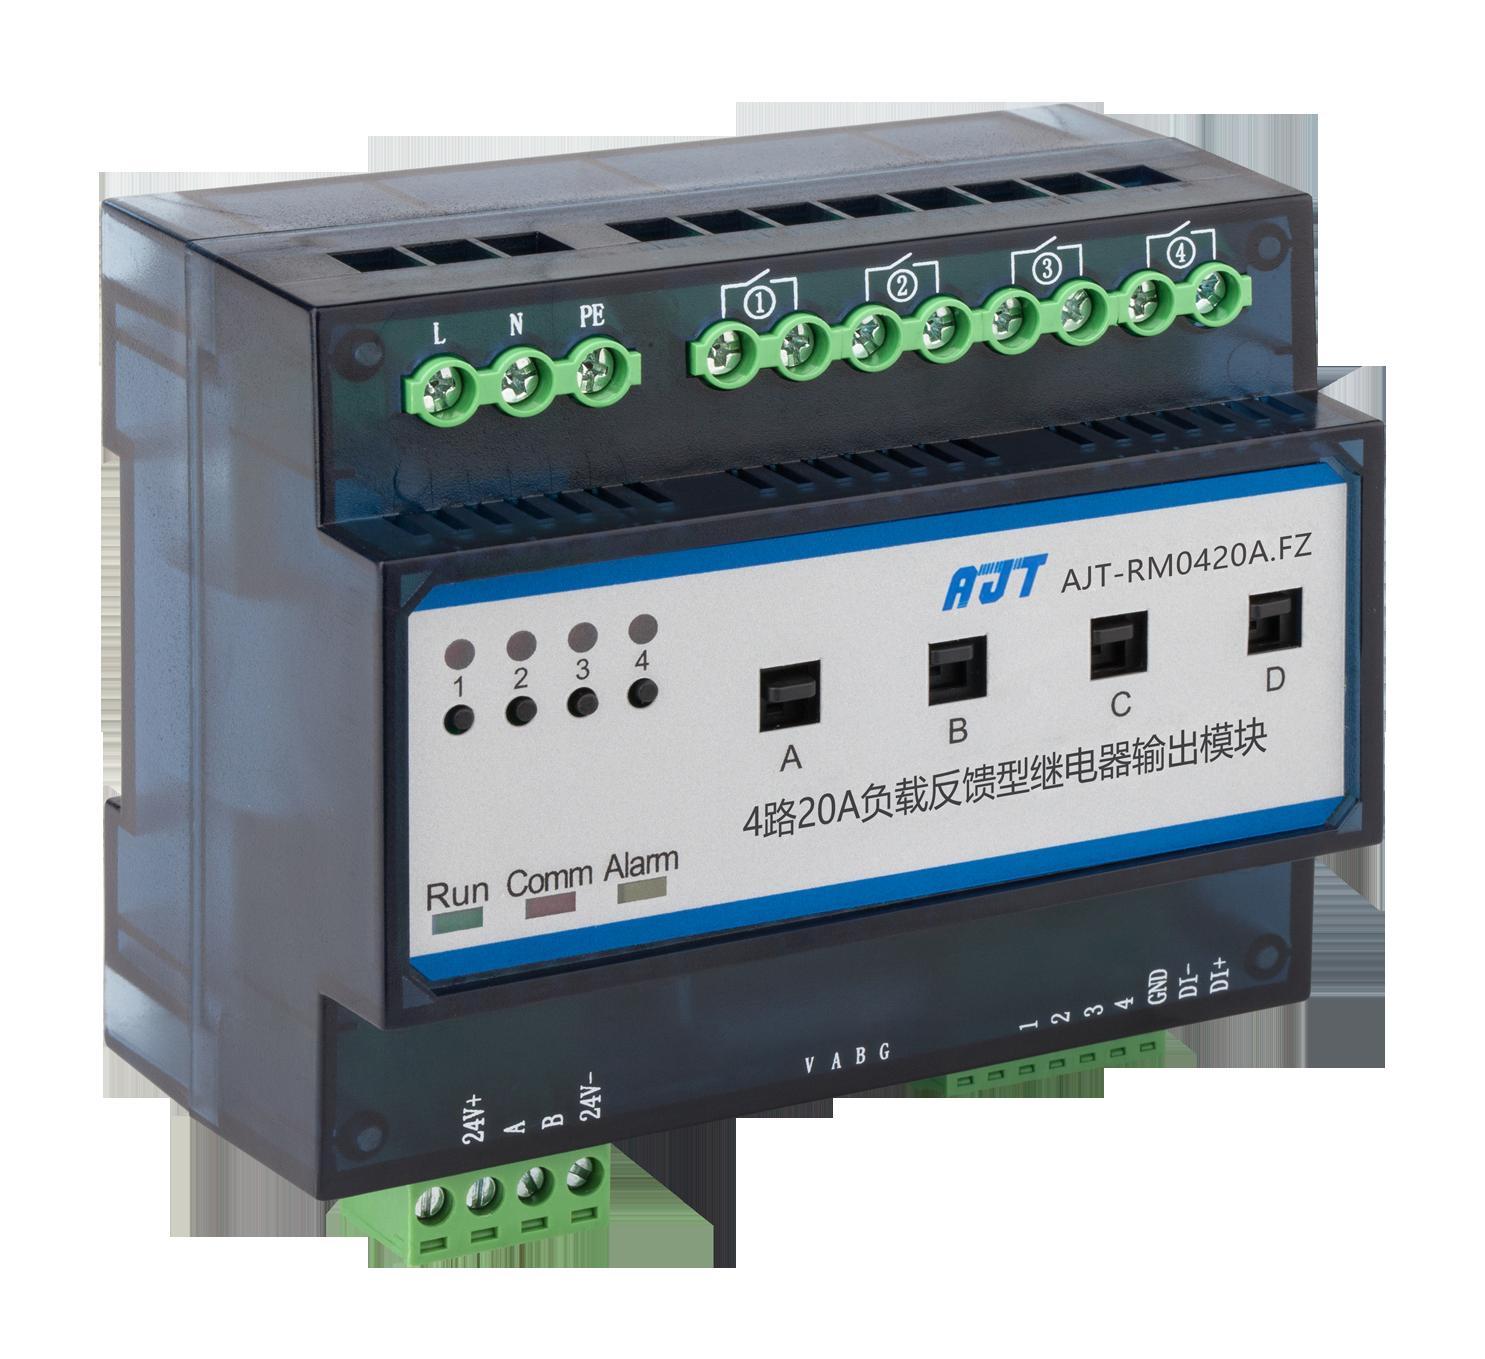 东莞松山湖CBD奥杰特智能照明系统厂家低价直销智能照明控制模块智能灯控制器继电器输出模块